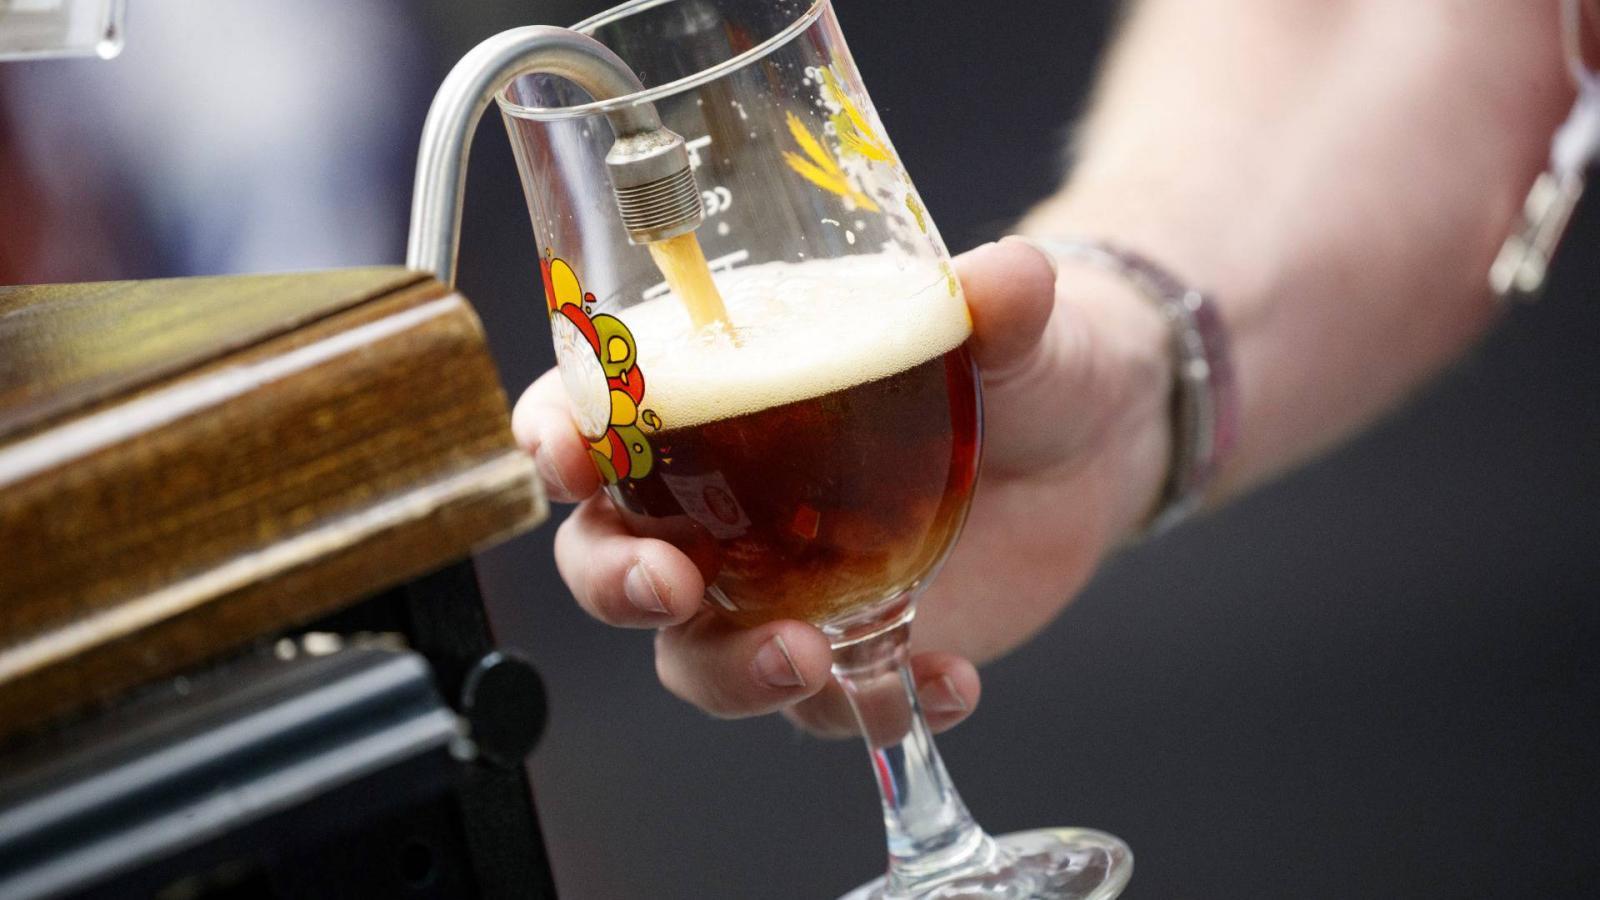 az ízületek sérülhetnek a sör miatt